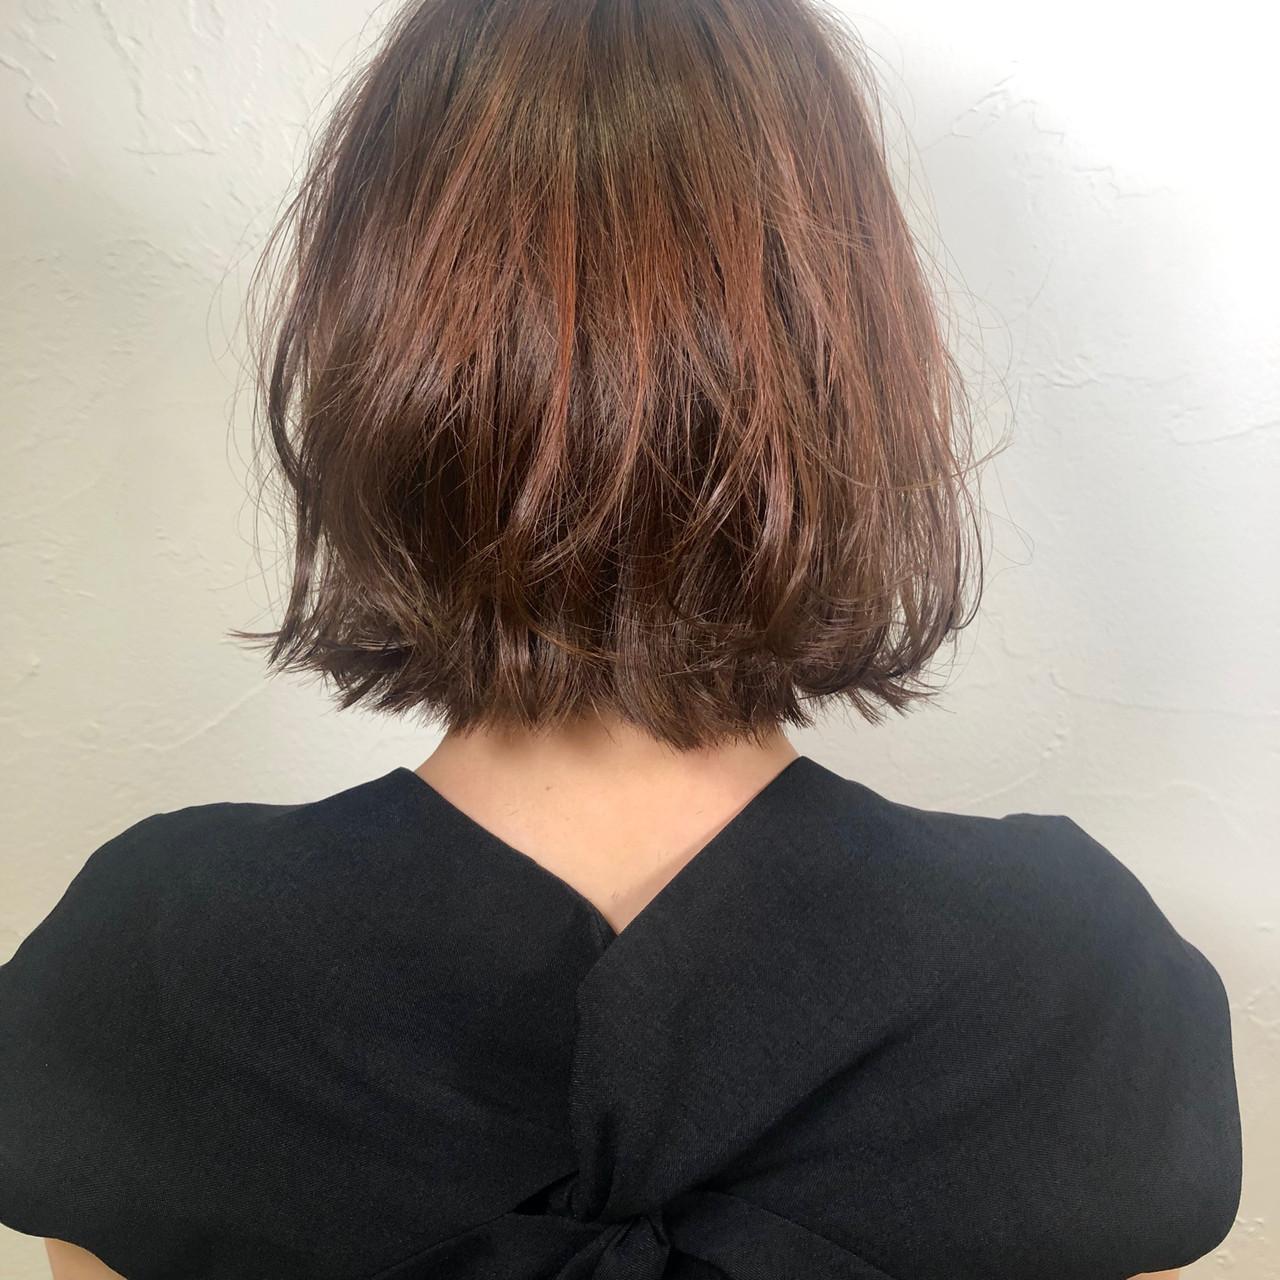 切りっぱなしボブ ミニボブ イルミナカラー ナチュラル ヘアスタイルや髪型の写真・画像 | ヨシオカナミ / WILLOW〜shrothair&shortbob〜